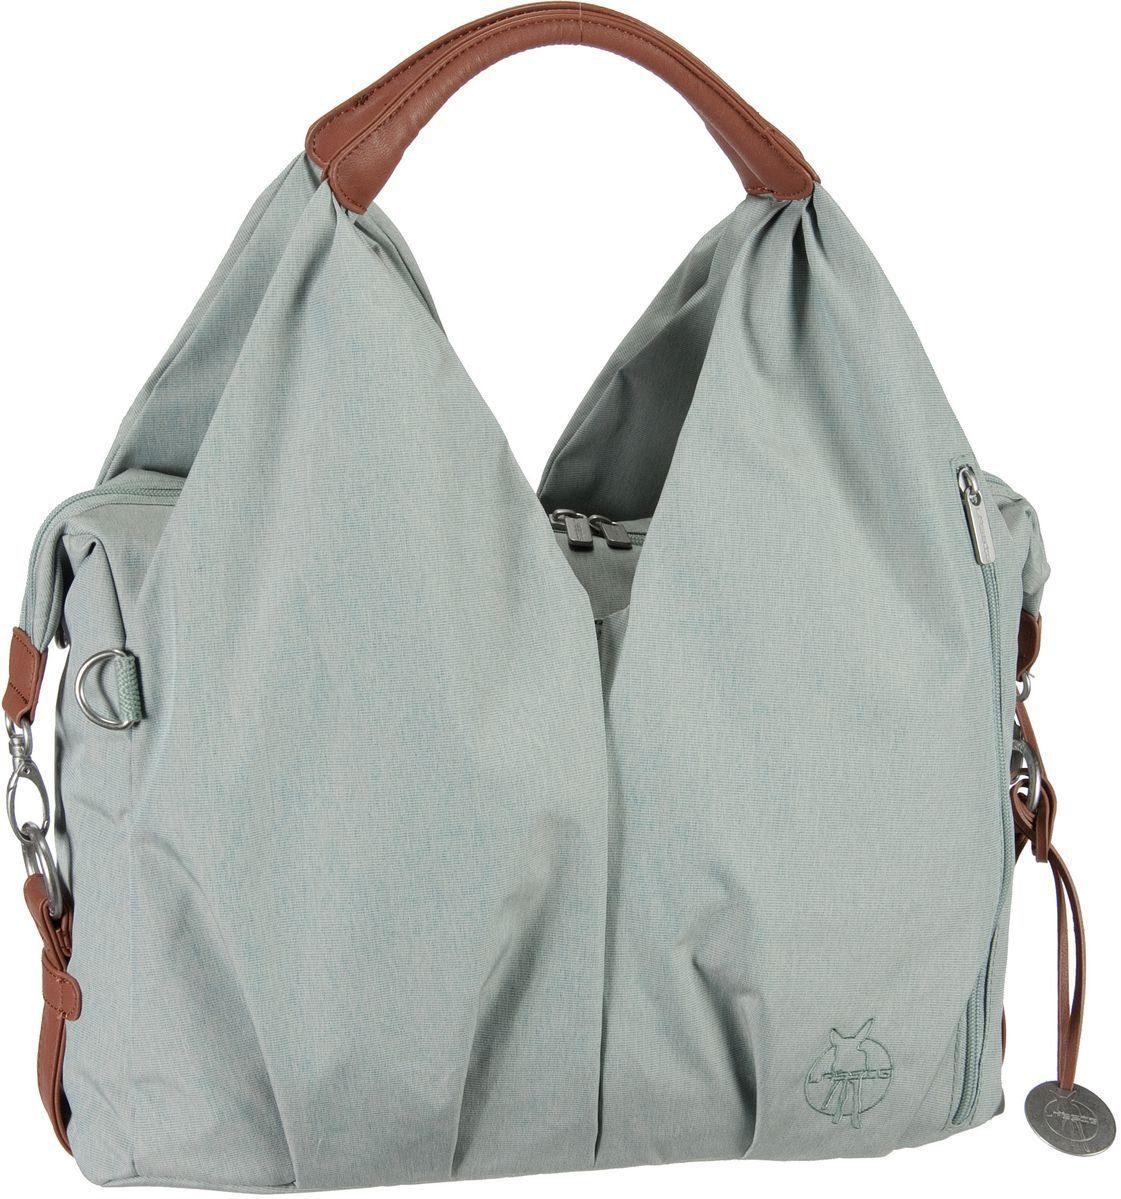 Lässig Wickeltasche »Green Label Neckline Bag«